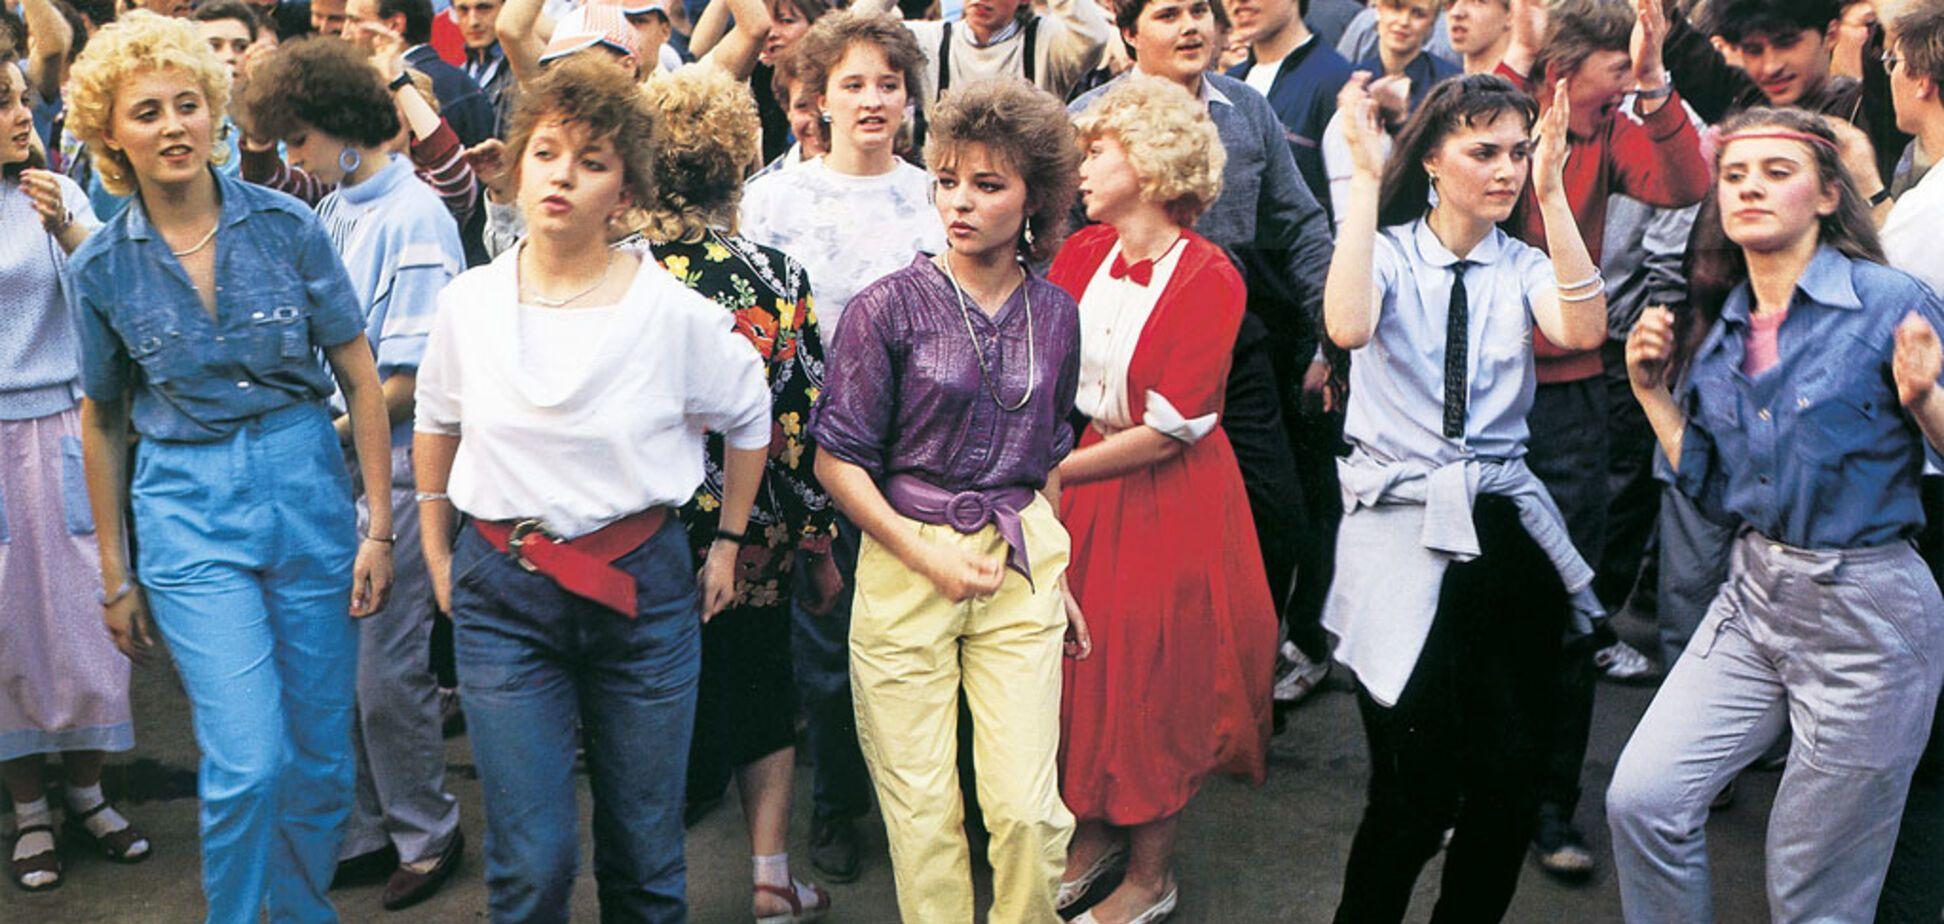 Дискотеки в СССР: одежда и запреты